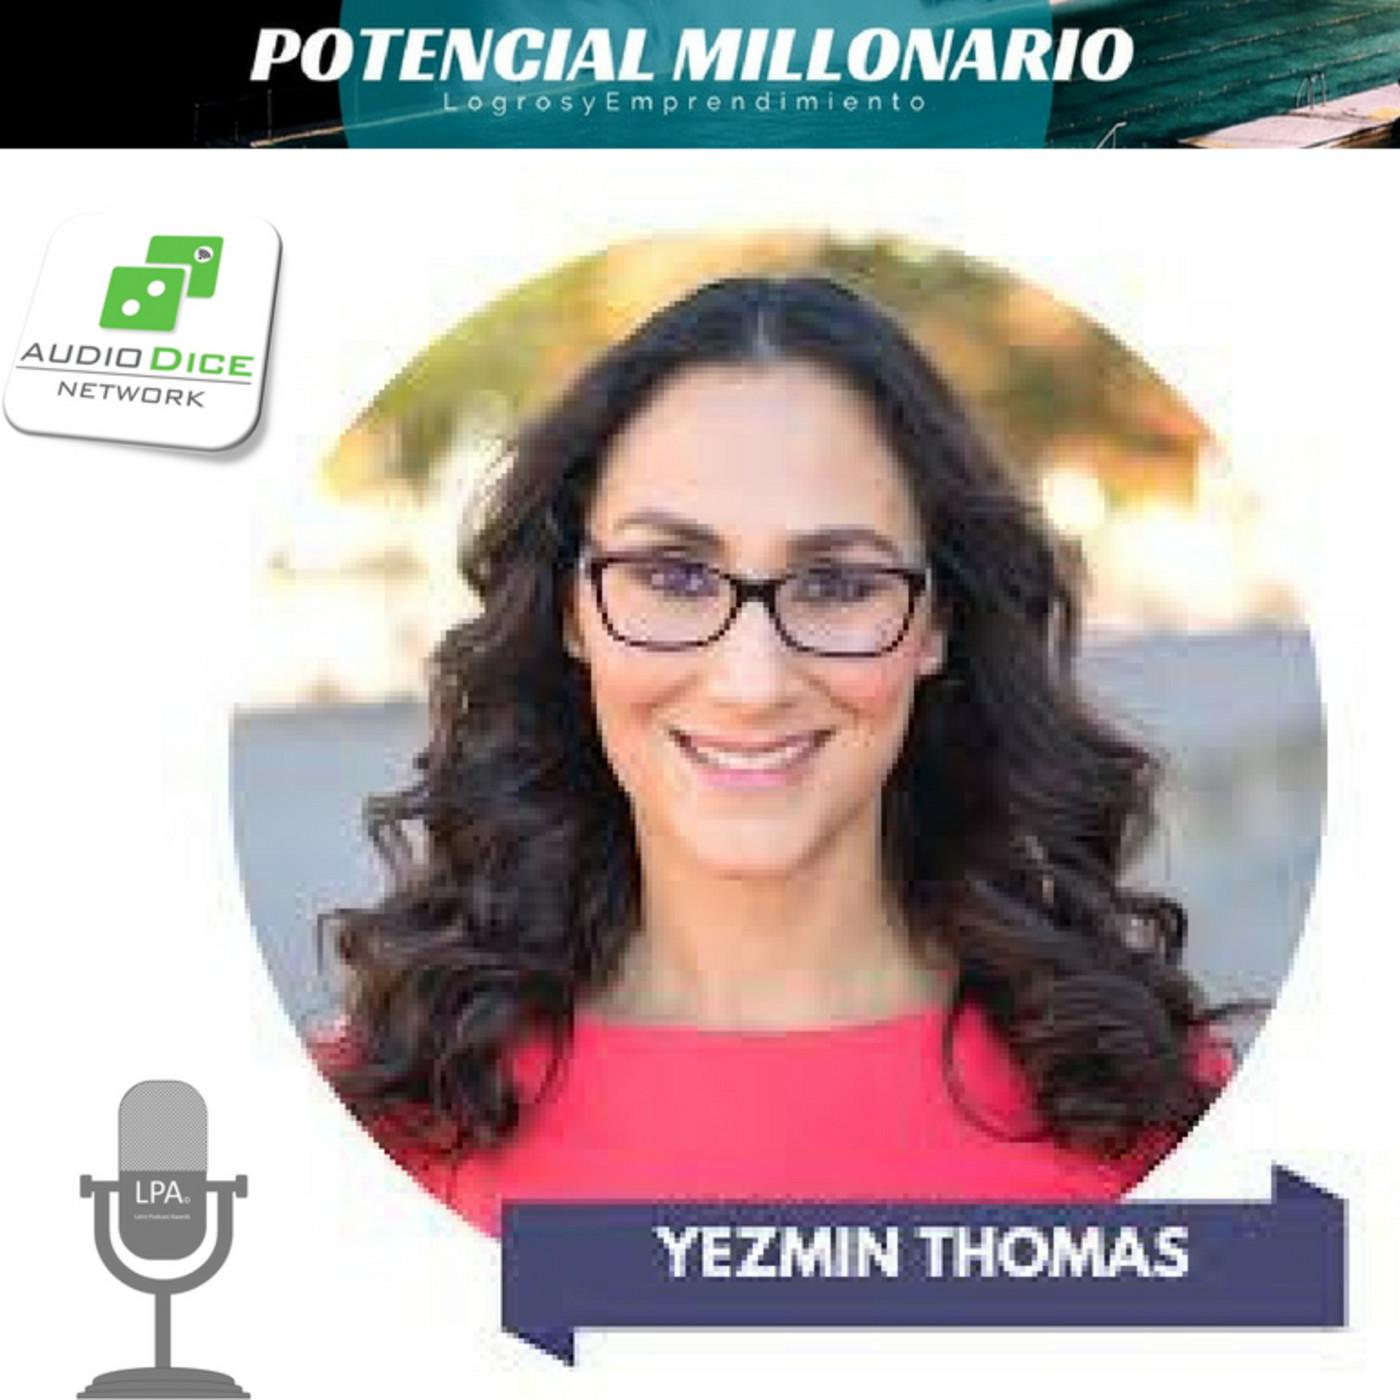 El balance en la vida   Yezmin Thomas, Periodista y Coach Certificada en finanzas personales  Potencial Millona